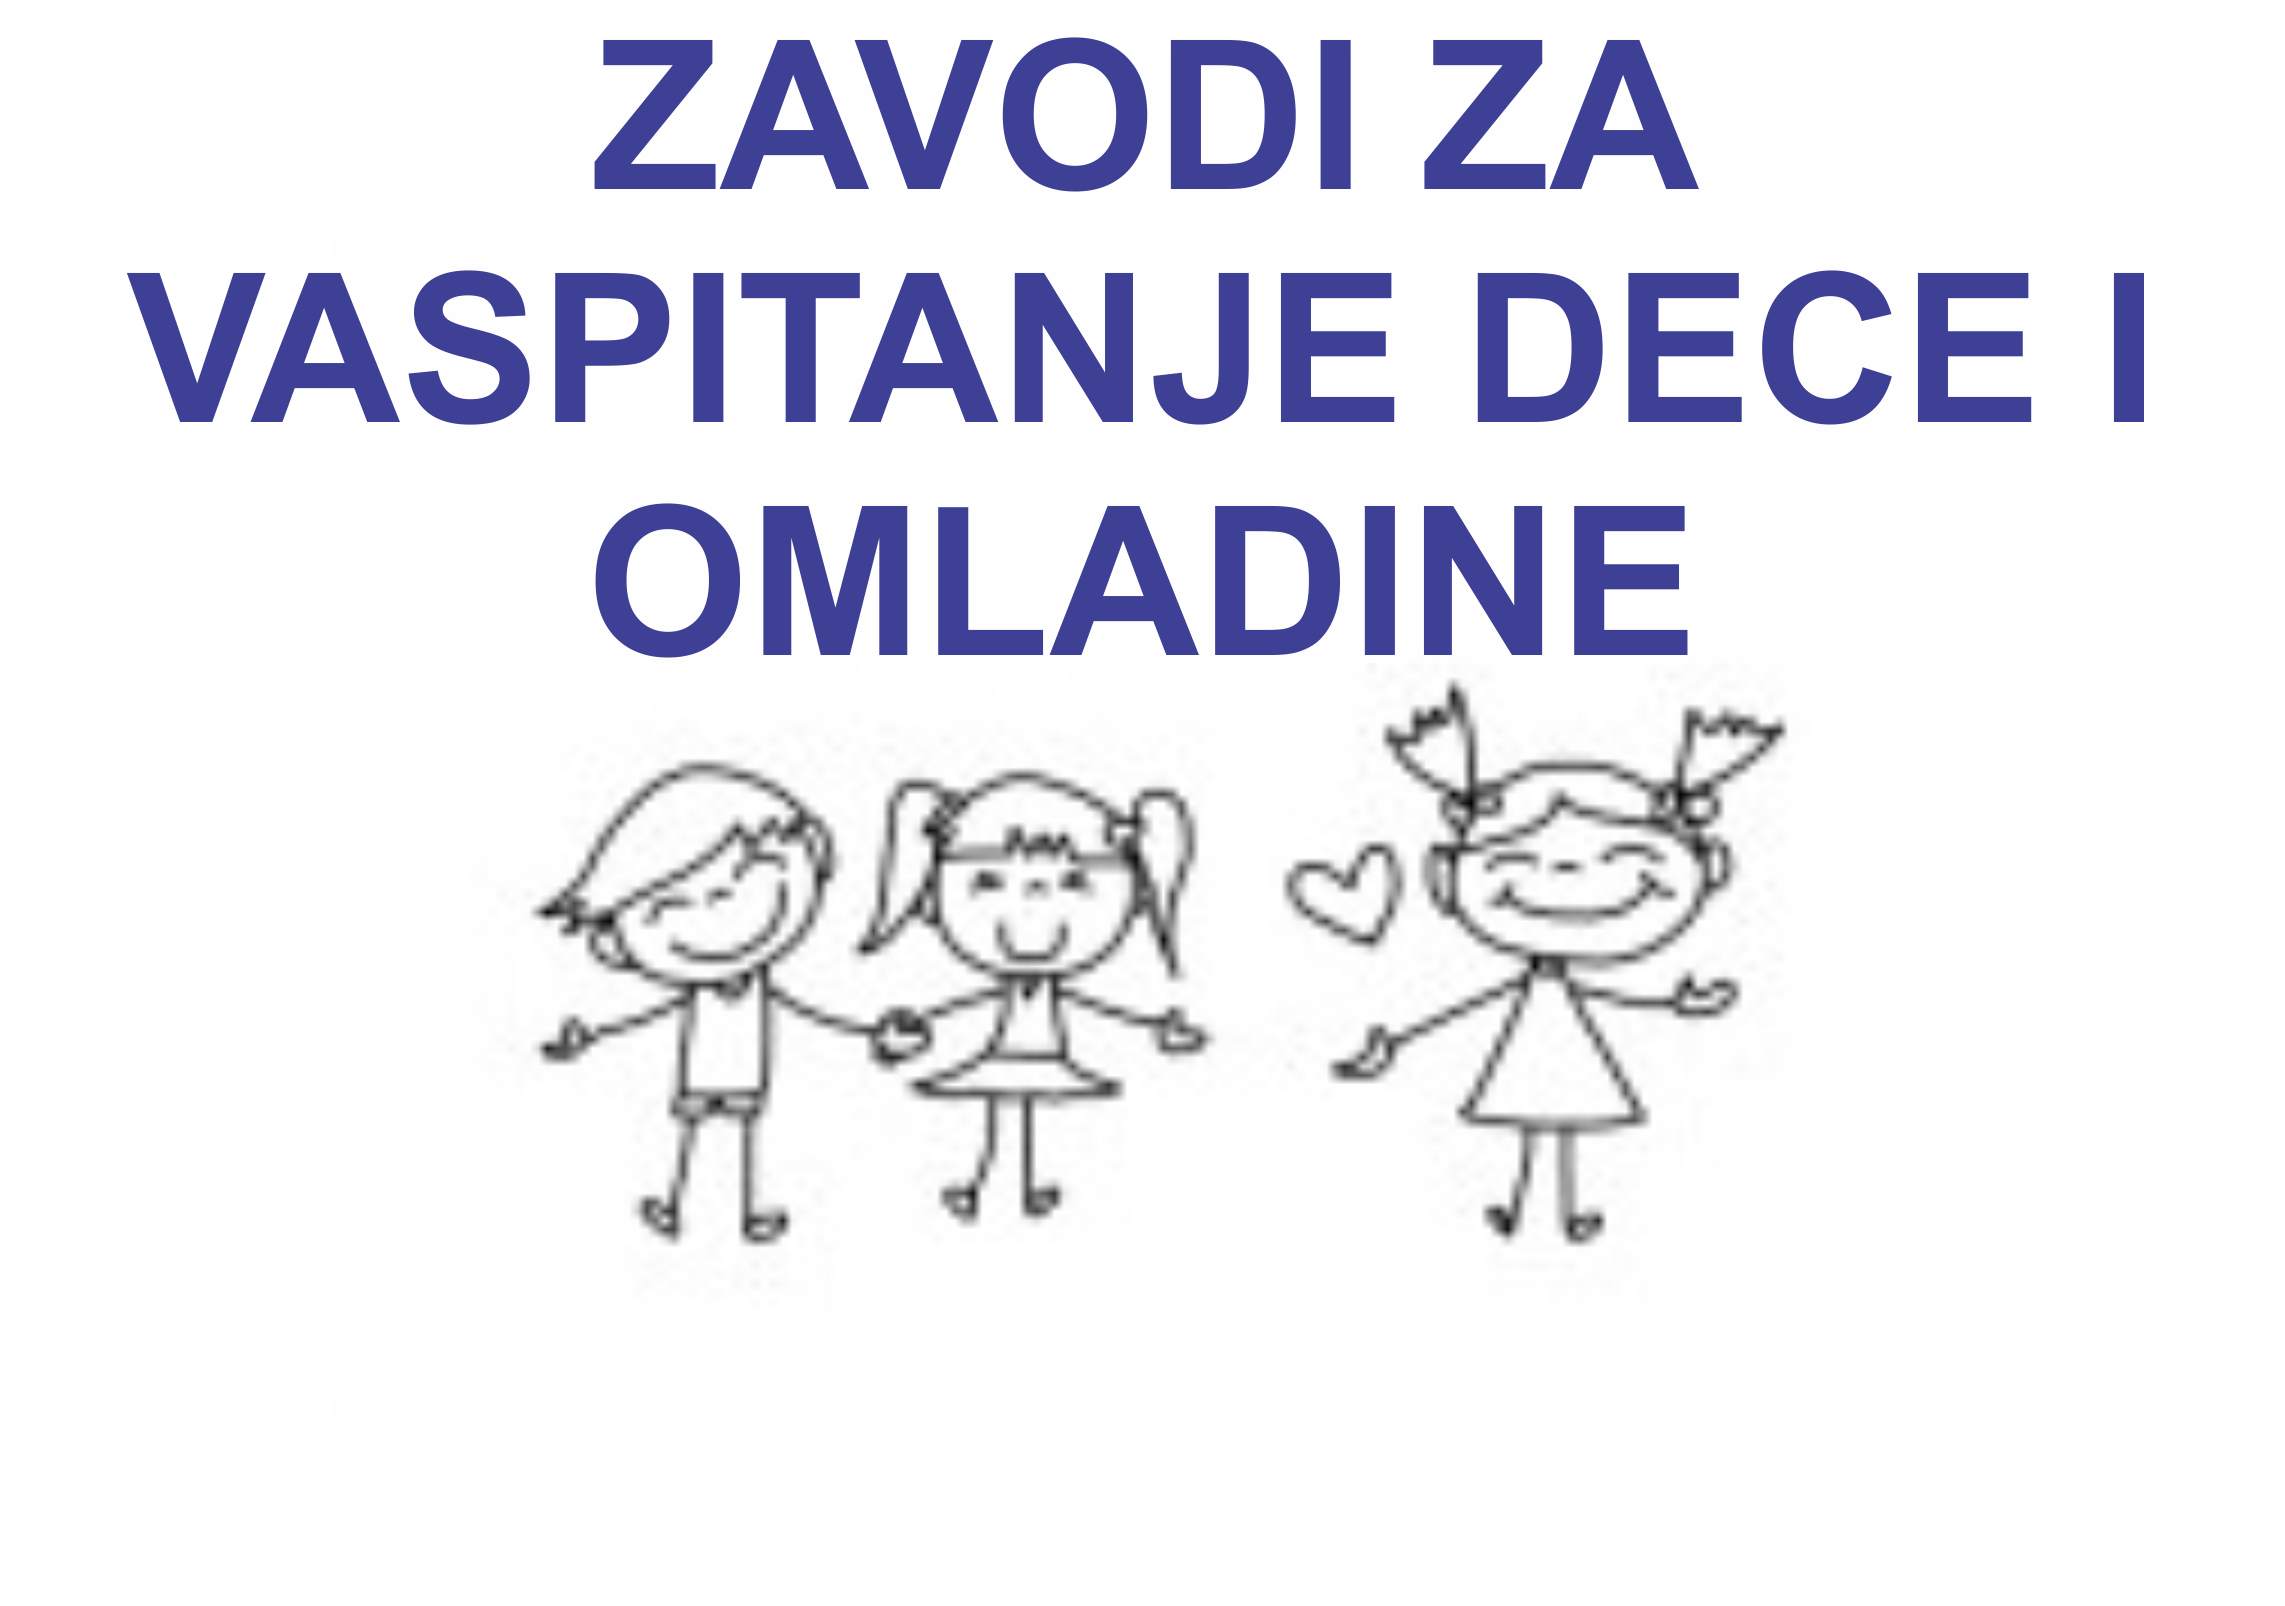 Fice-Clanica-ZAVODI-ZA-VASPITANJE-DECE-I-OMLADINE.png